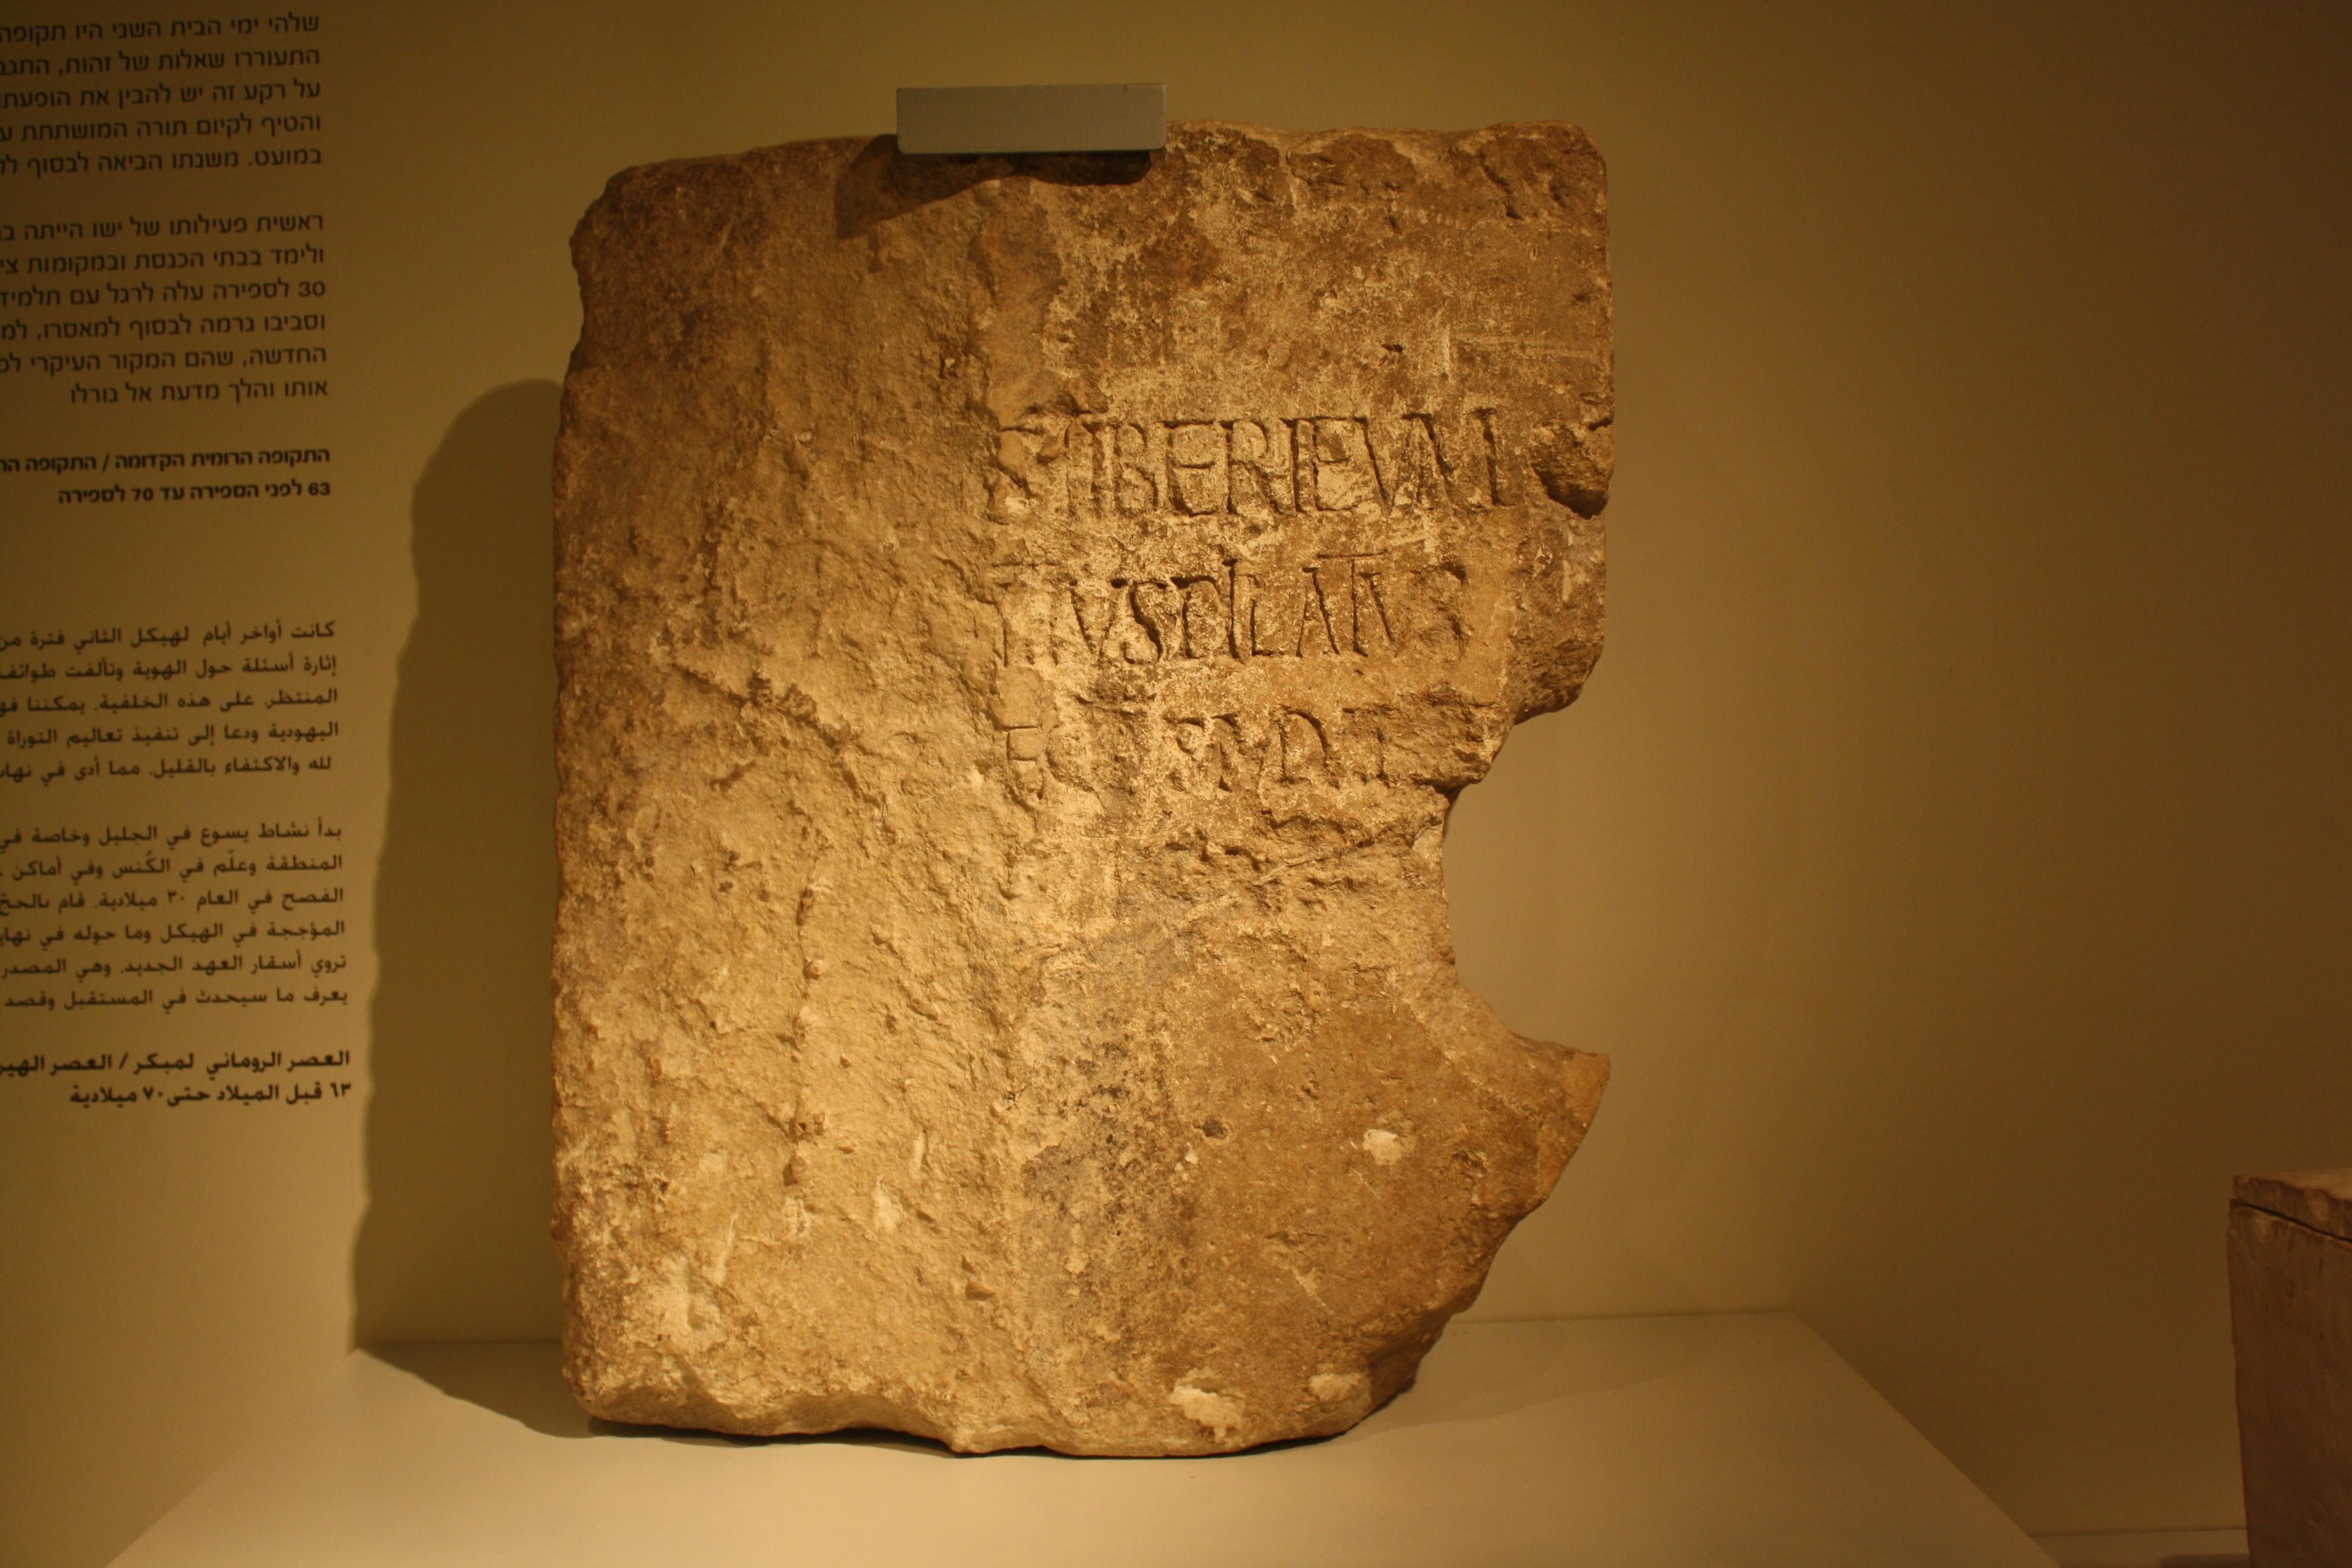 A pedra de Pôncio Pilatos atualmente se encontra no Museu de Israel  (Foto: Wikimedia/BRBurton)